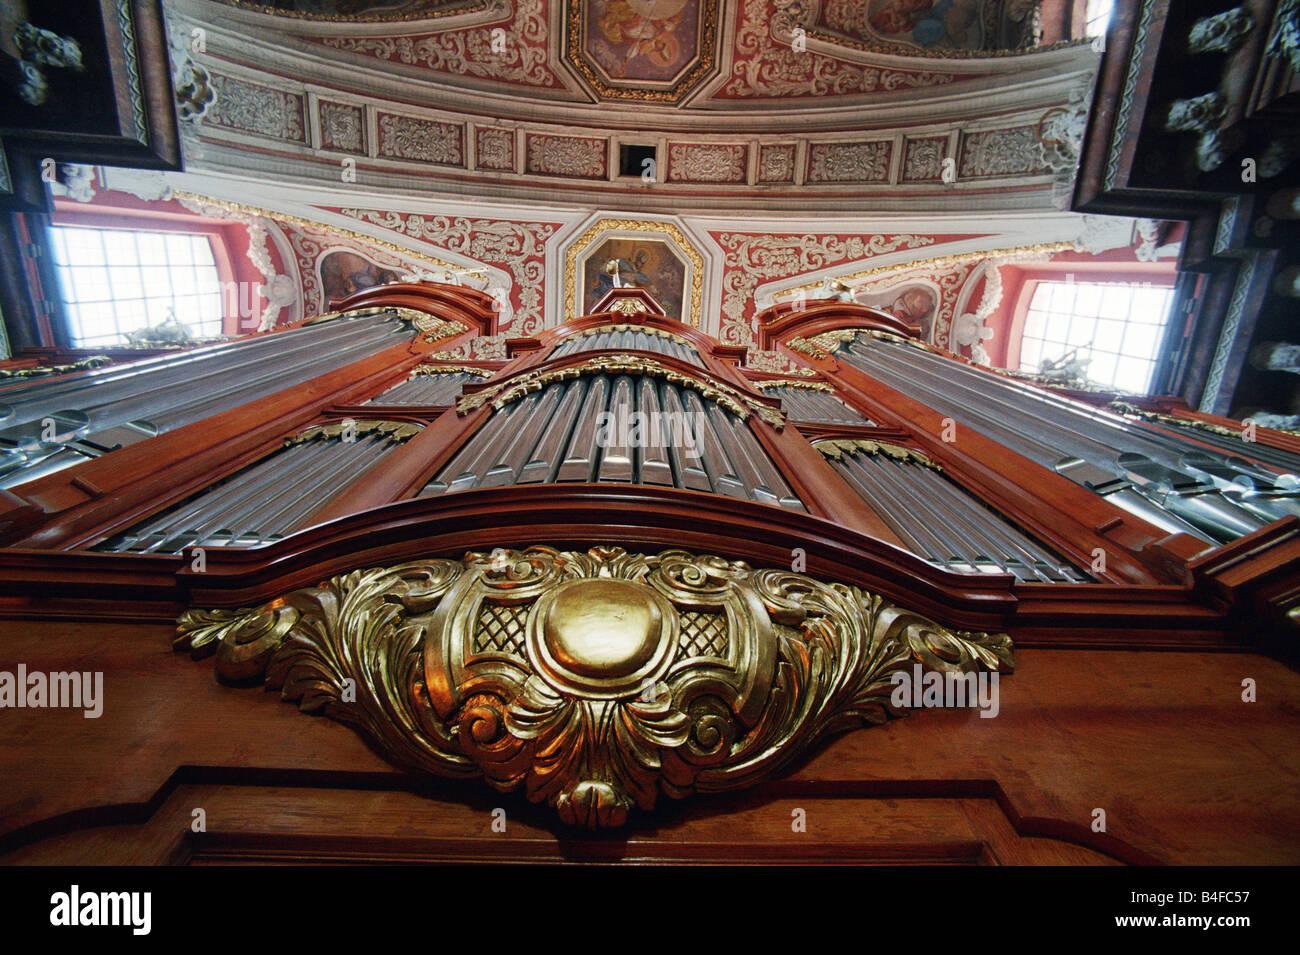 Organ Pedal Stock Photos Amp Organ Pedal Stock Images Alamy